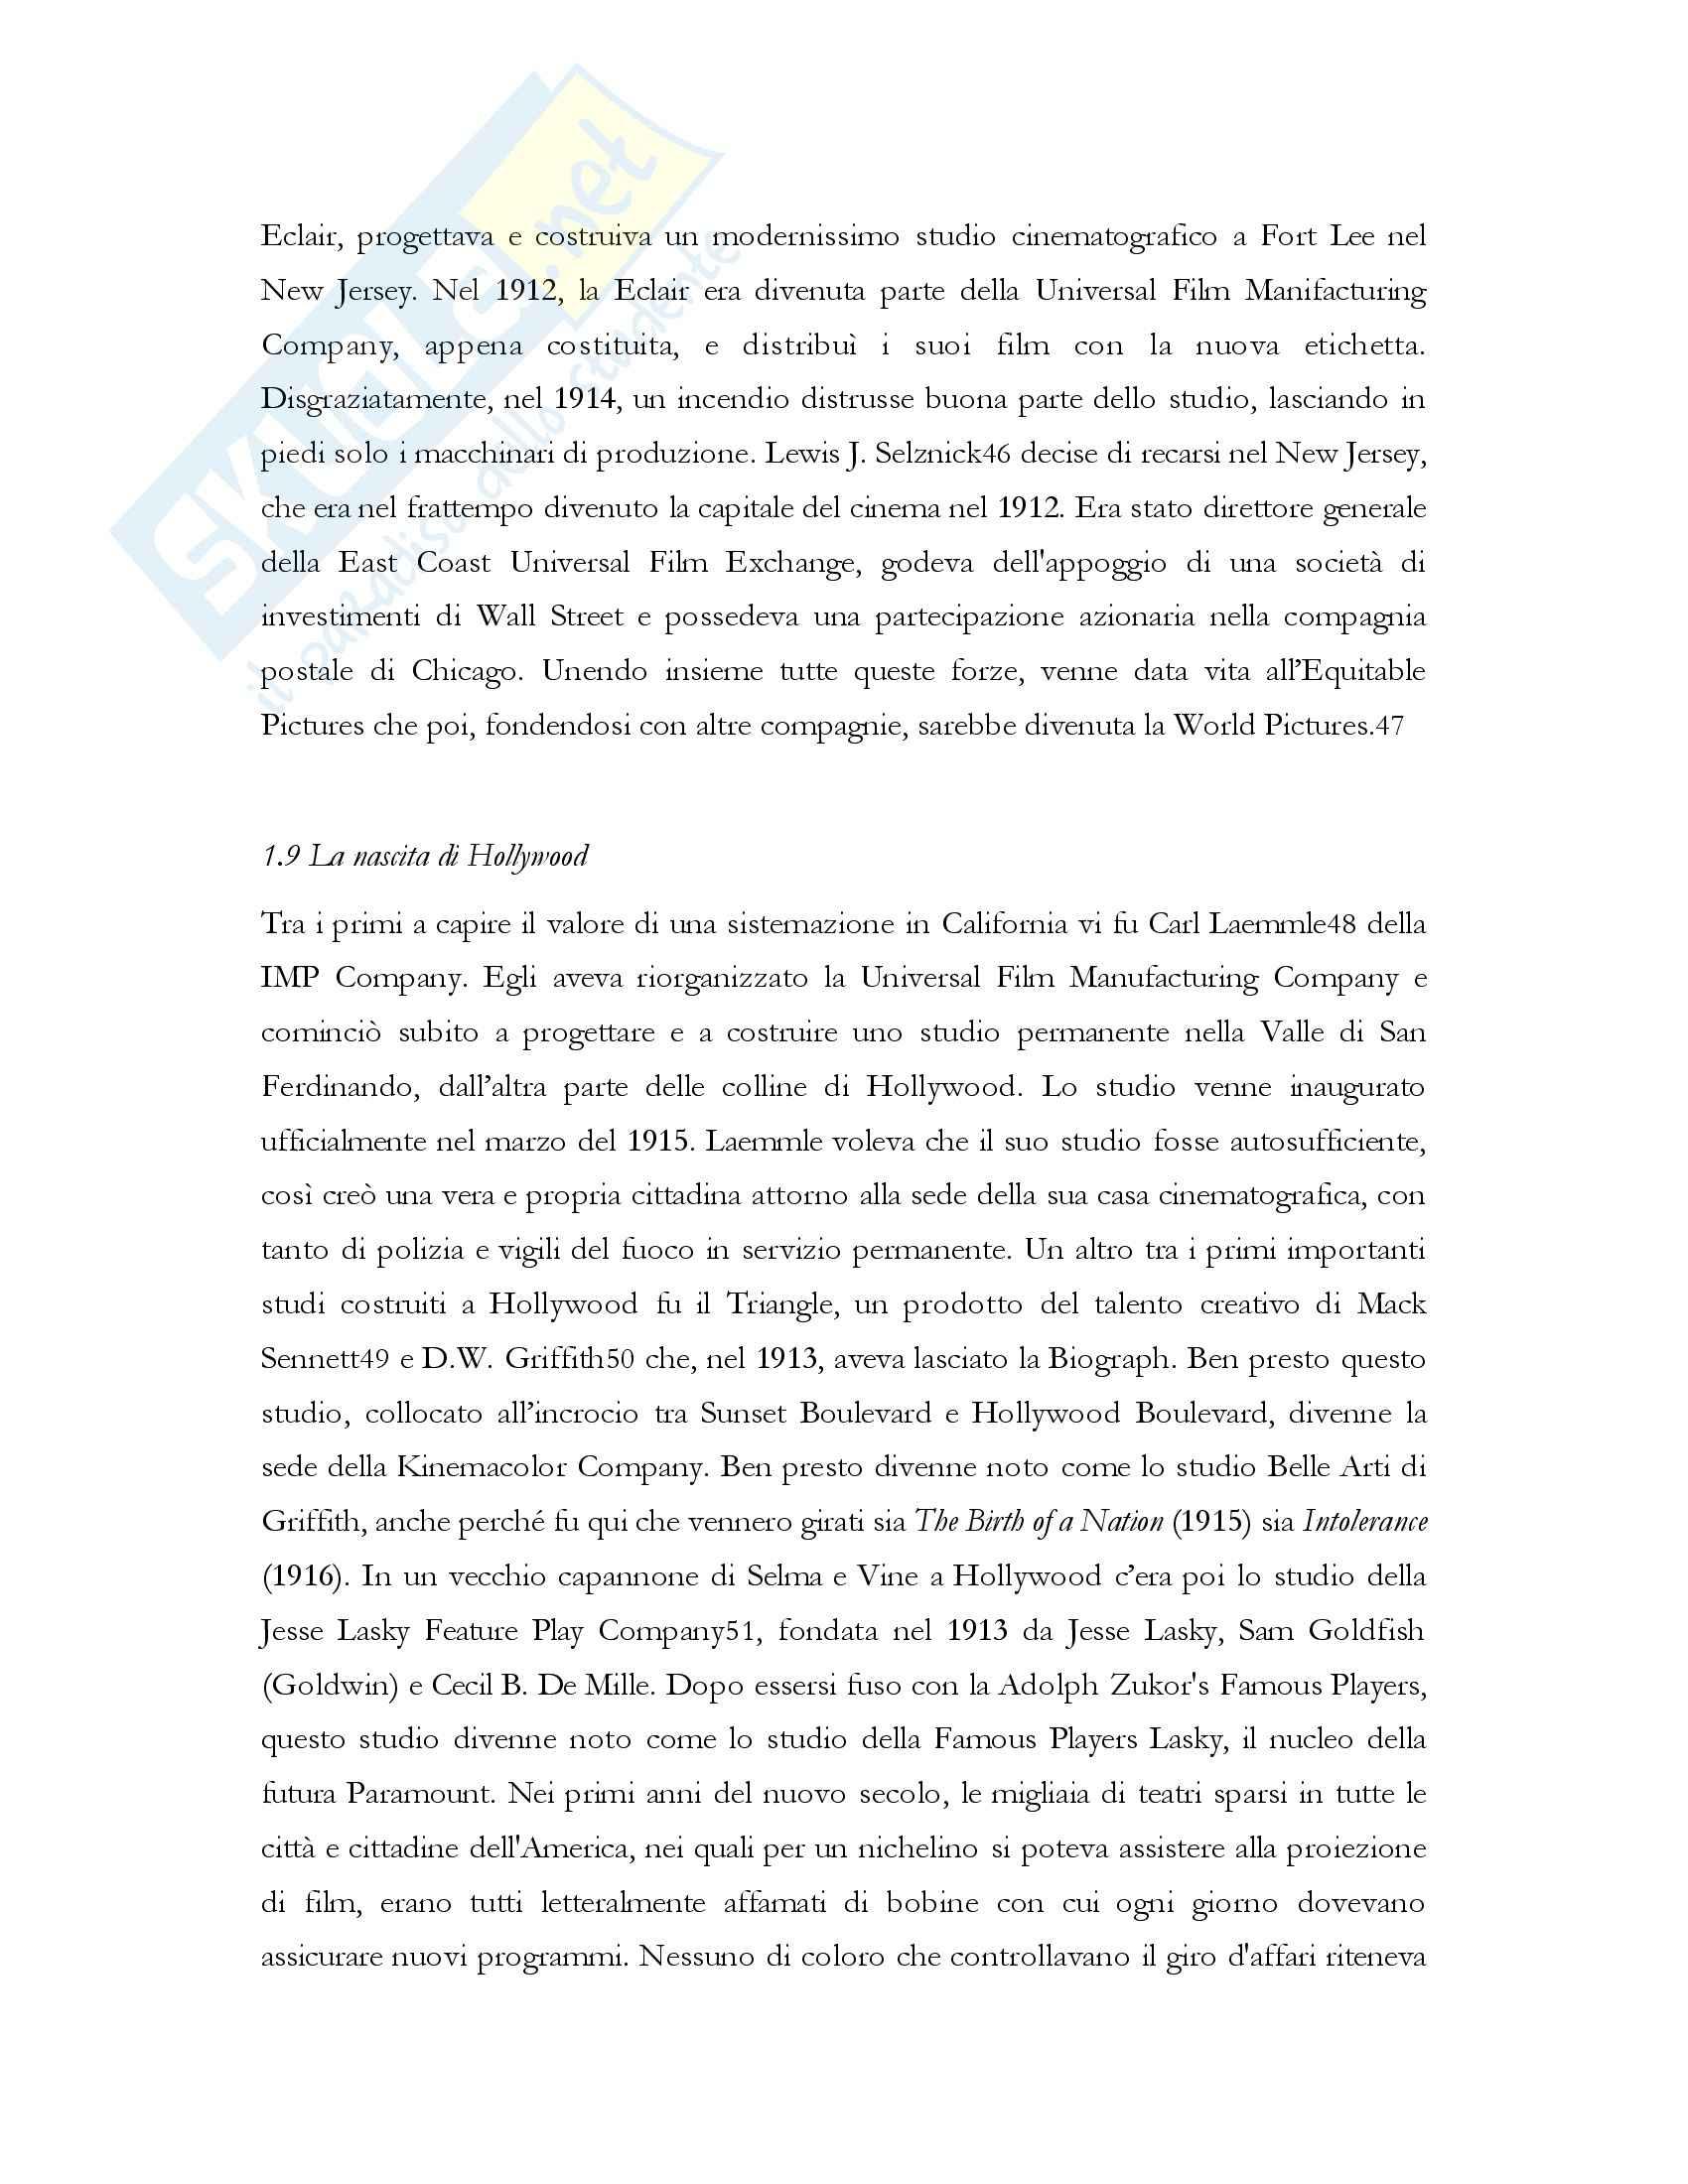 Produzione cinematografica degli Stati Uniti, Teorie e tecniche Pag. 21